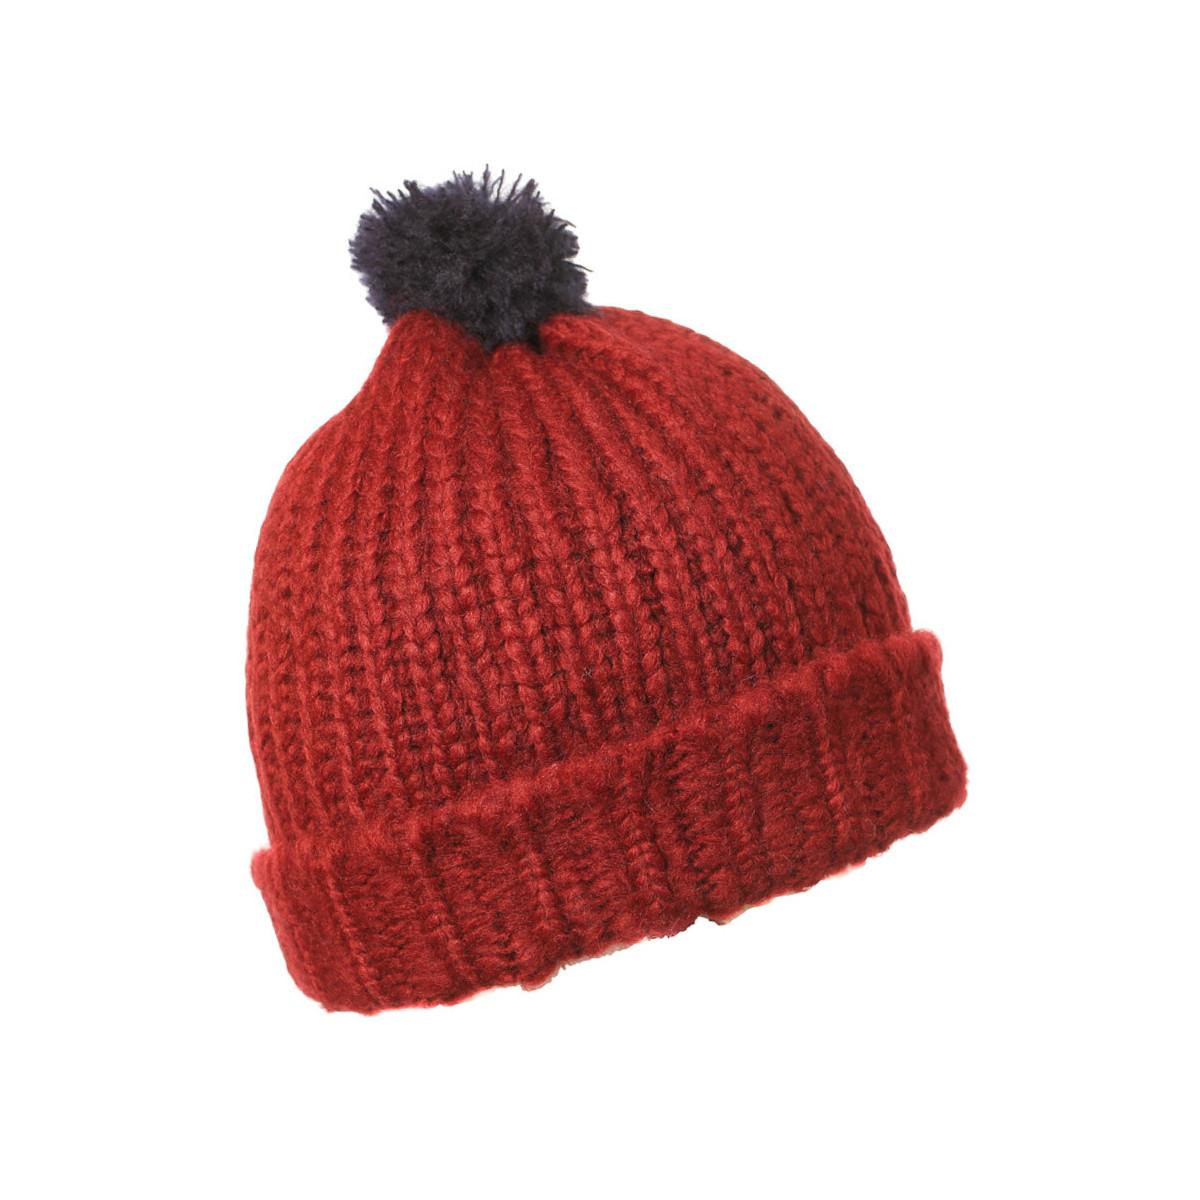 Bonnet laine enfant orange rouille